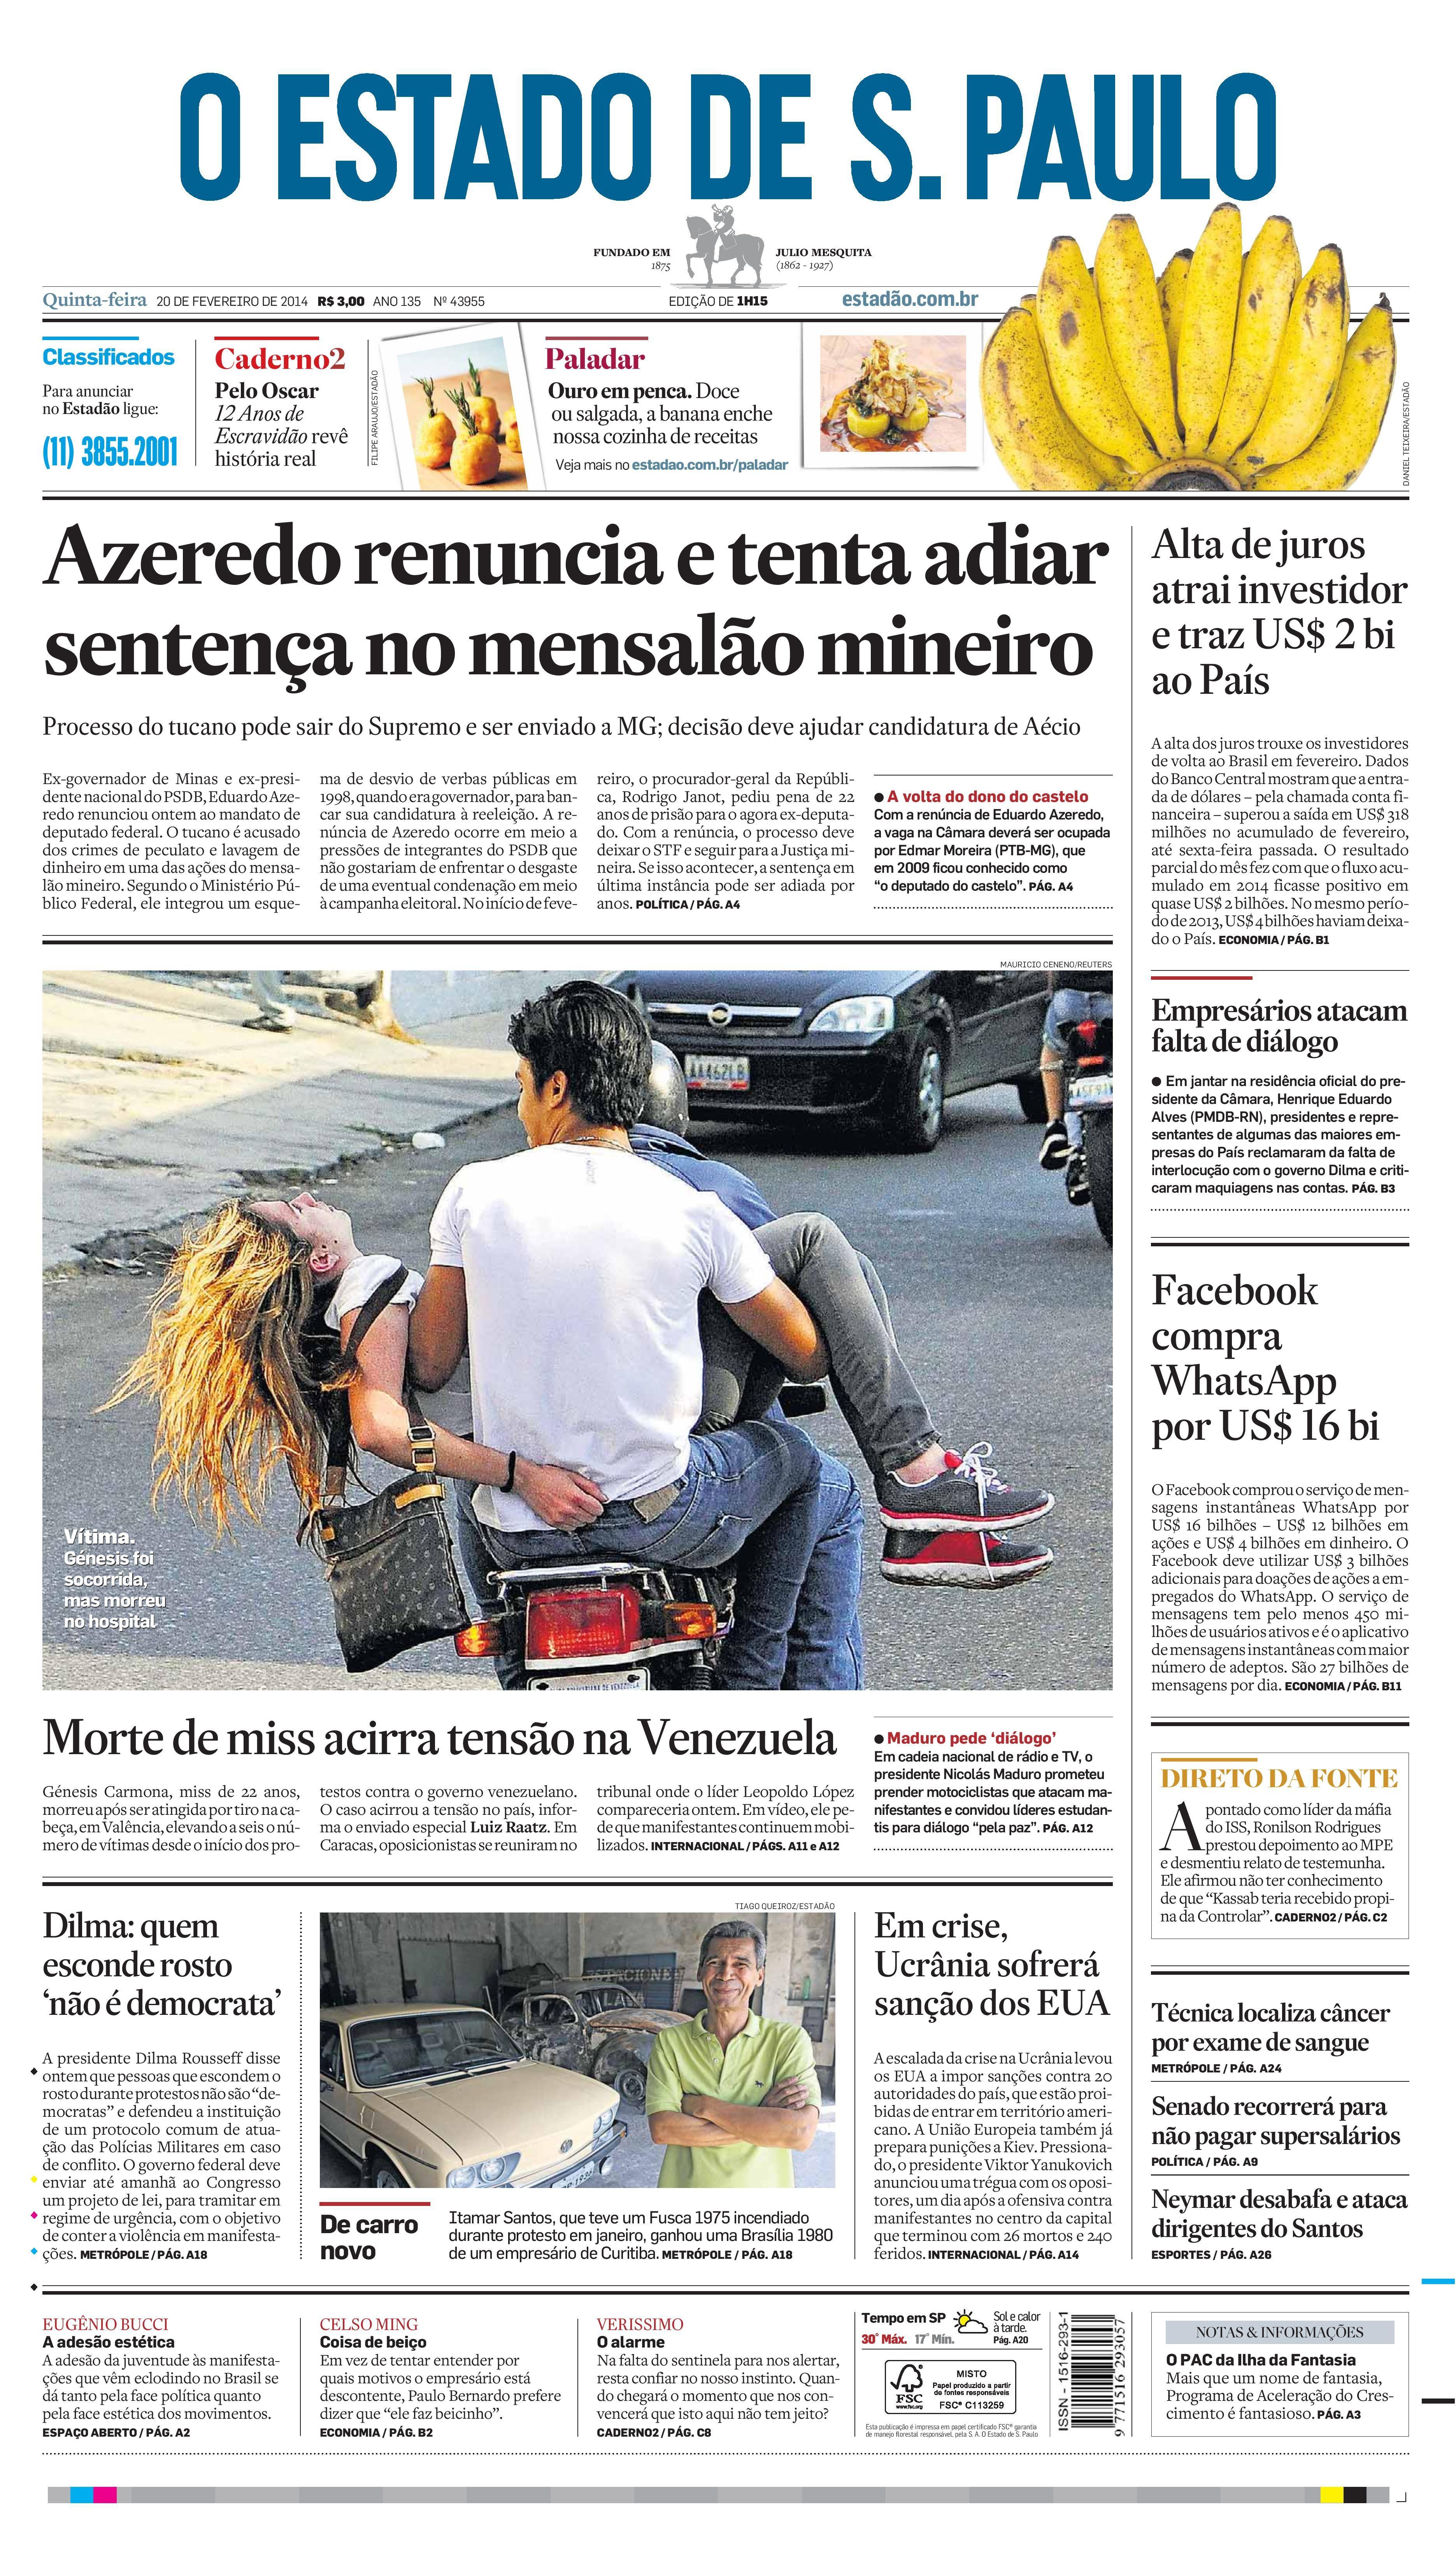 Capa de hoje: Azeredo renuncia e tenta adiar sentença no mensalão mineiro http://oesta.do/1bOjYXL